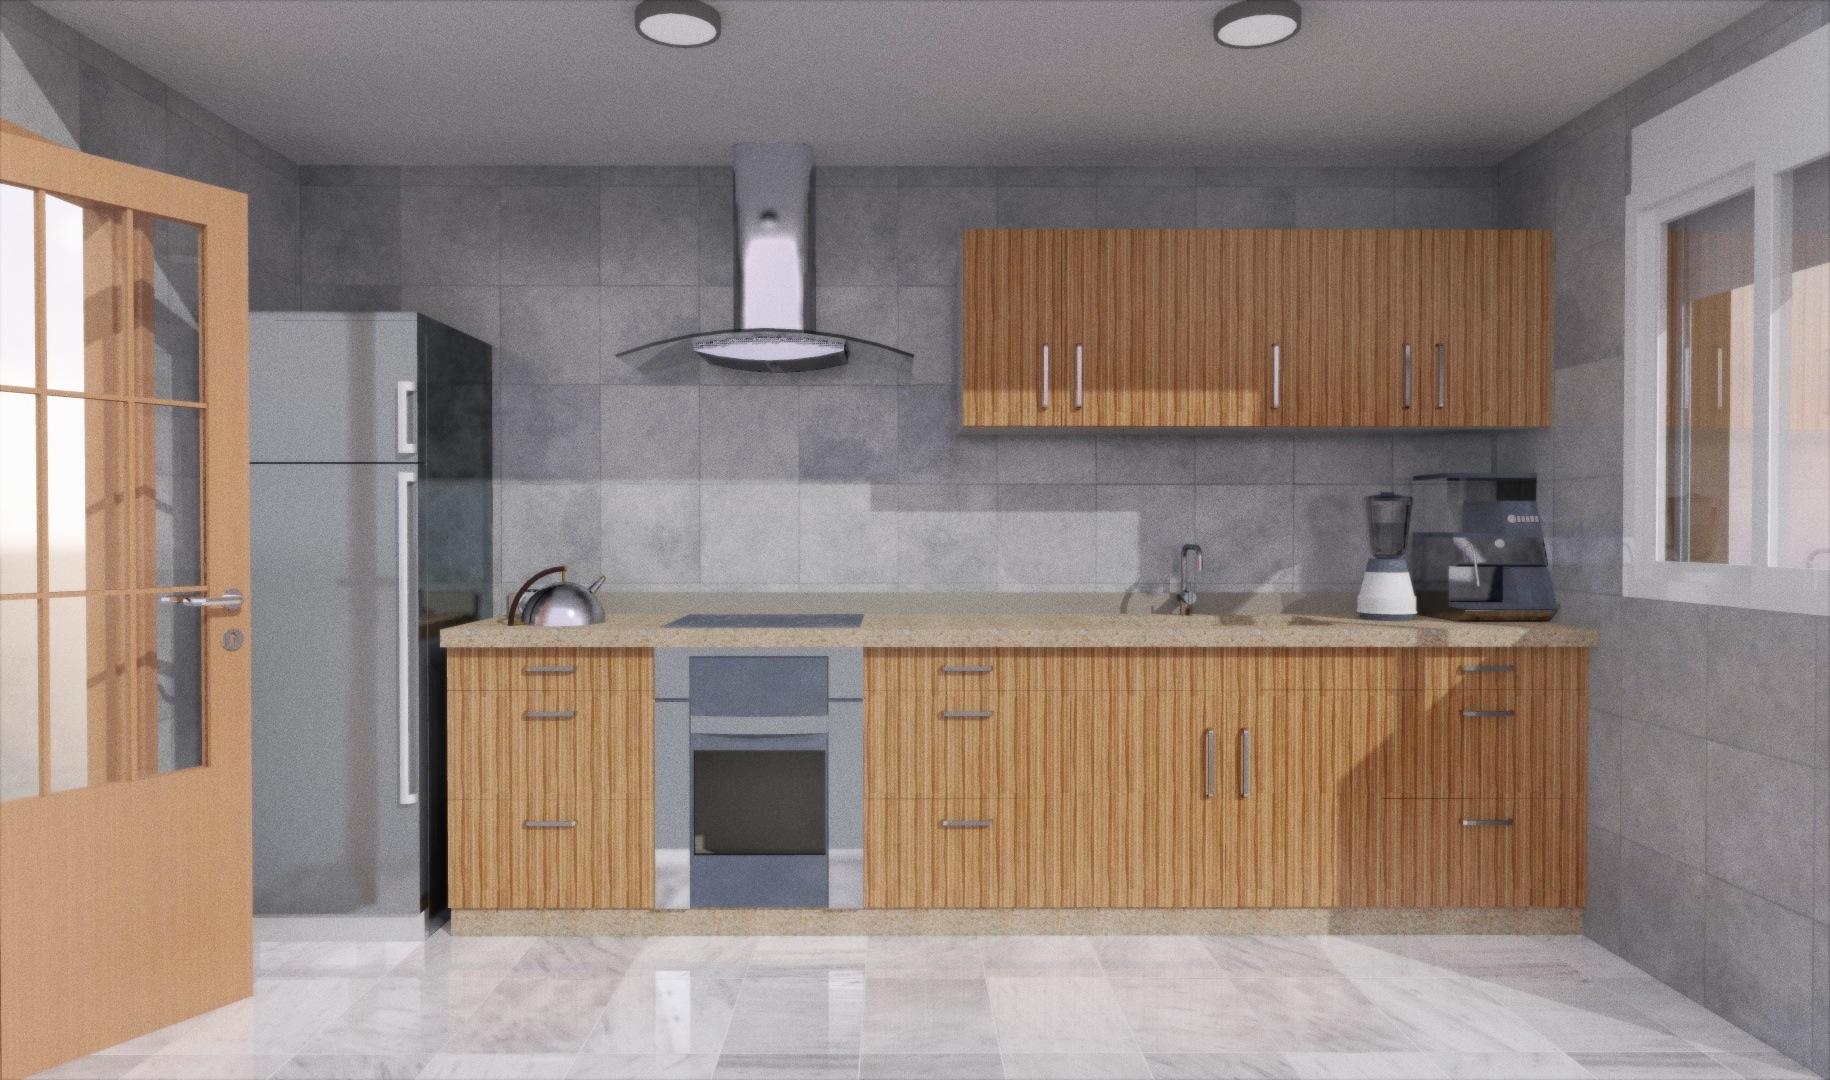 Cuanto mide una cocina garquitectos for Medidas de mobiliario de cocina